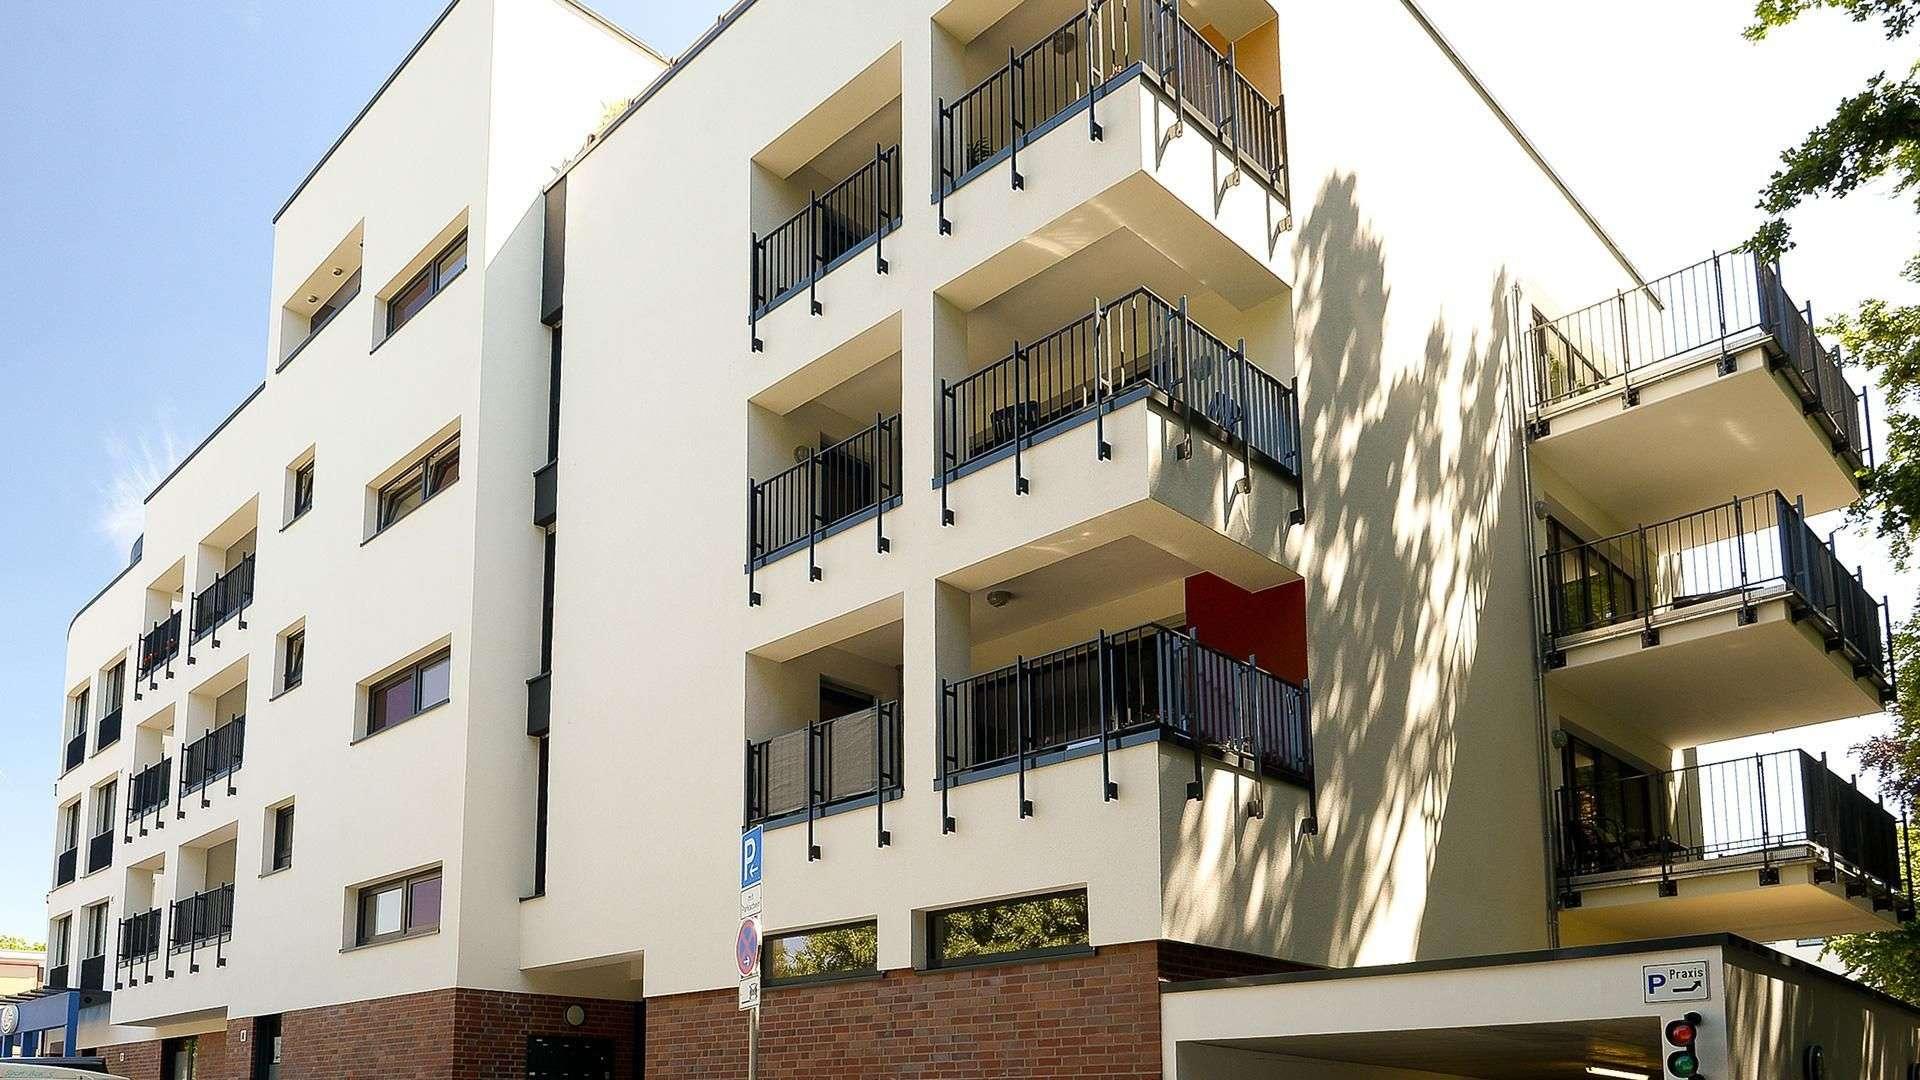 Mehrfamilienwohnanlage mit mehreren Balkons